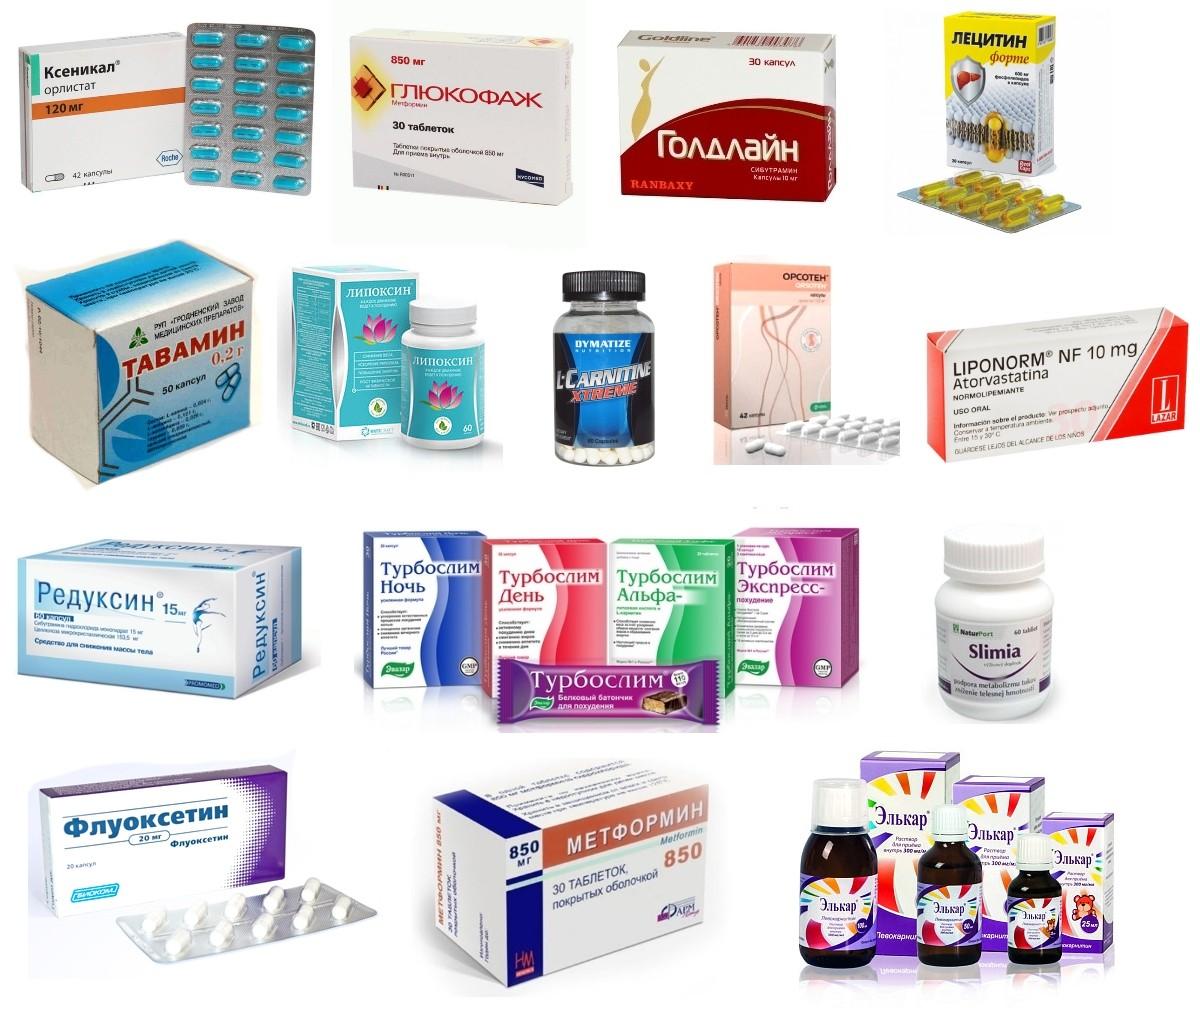 Как ускорить обмен веществ для похудения лекарства